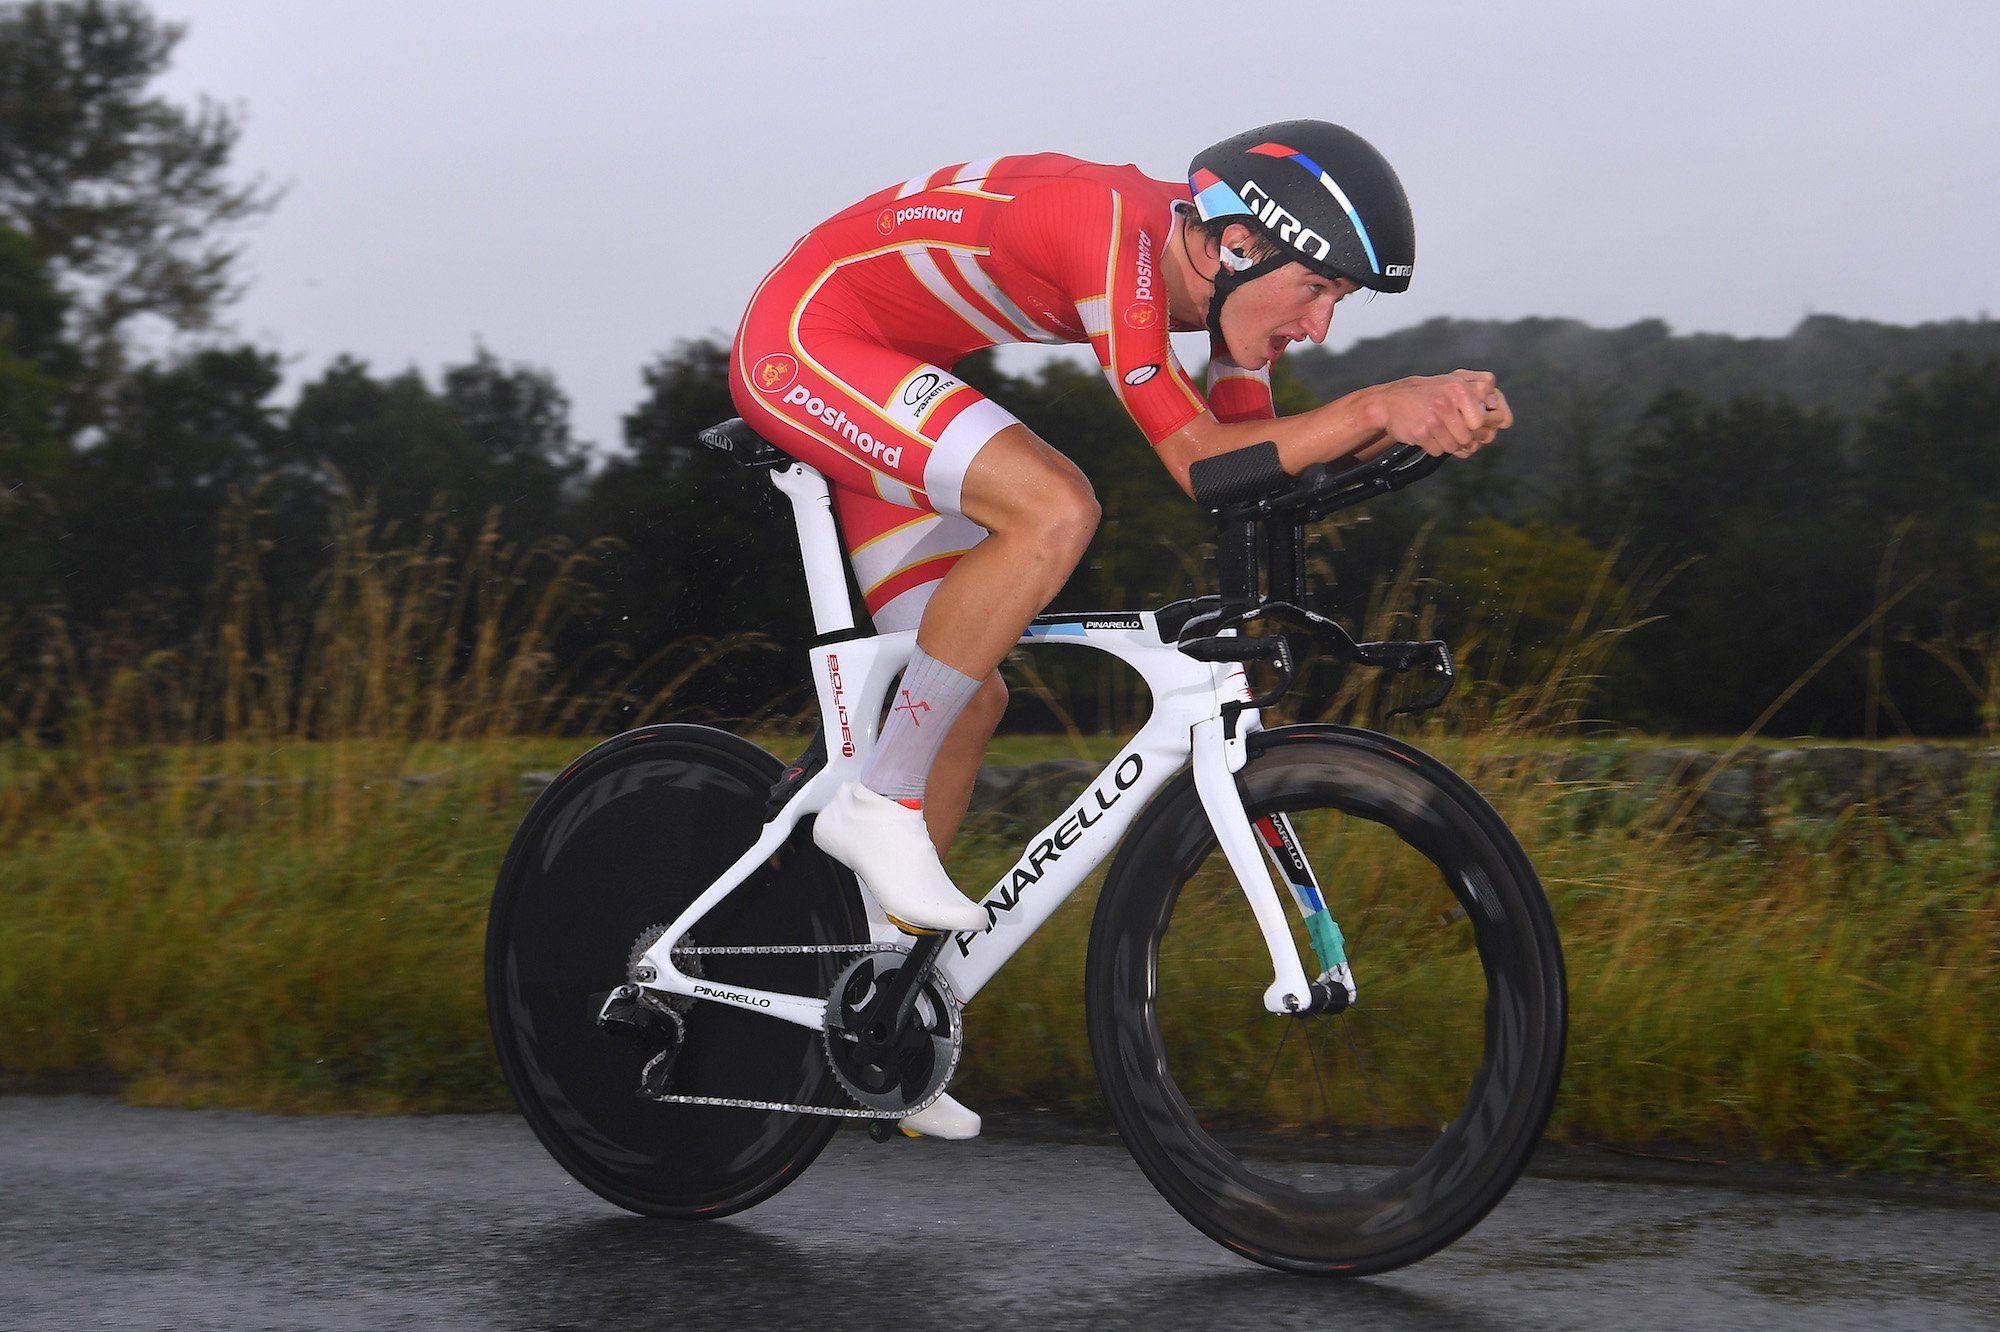 Хет-трик Миккеля Бьерга в «разделках» на чемпионатах мира по велоспорту